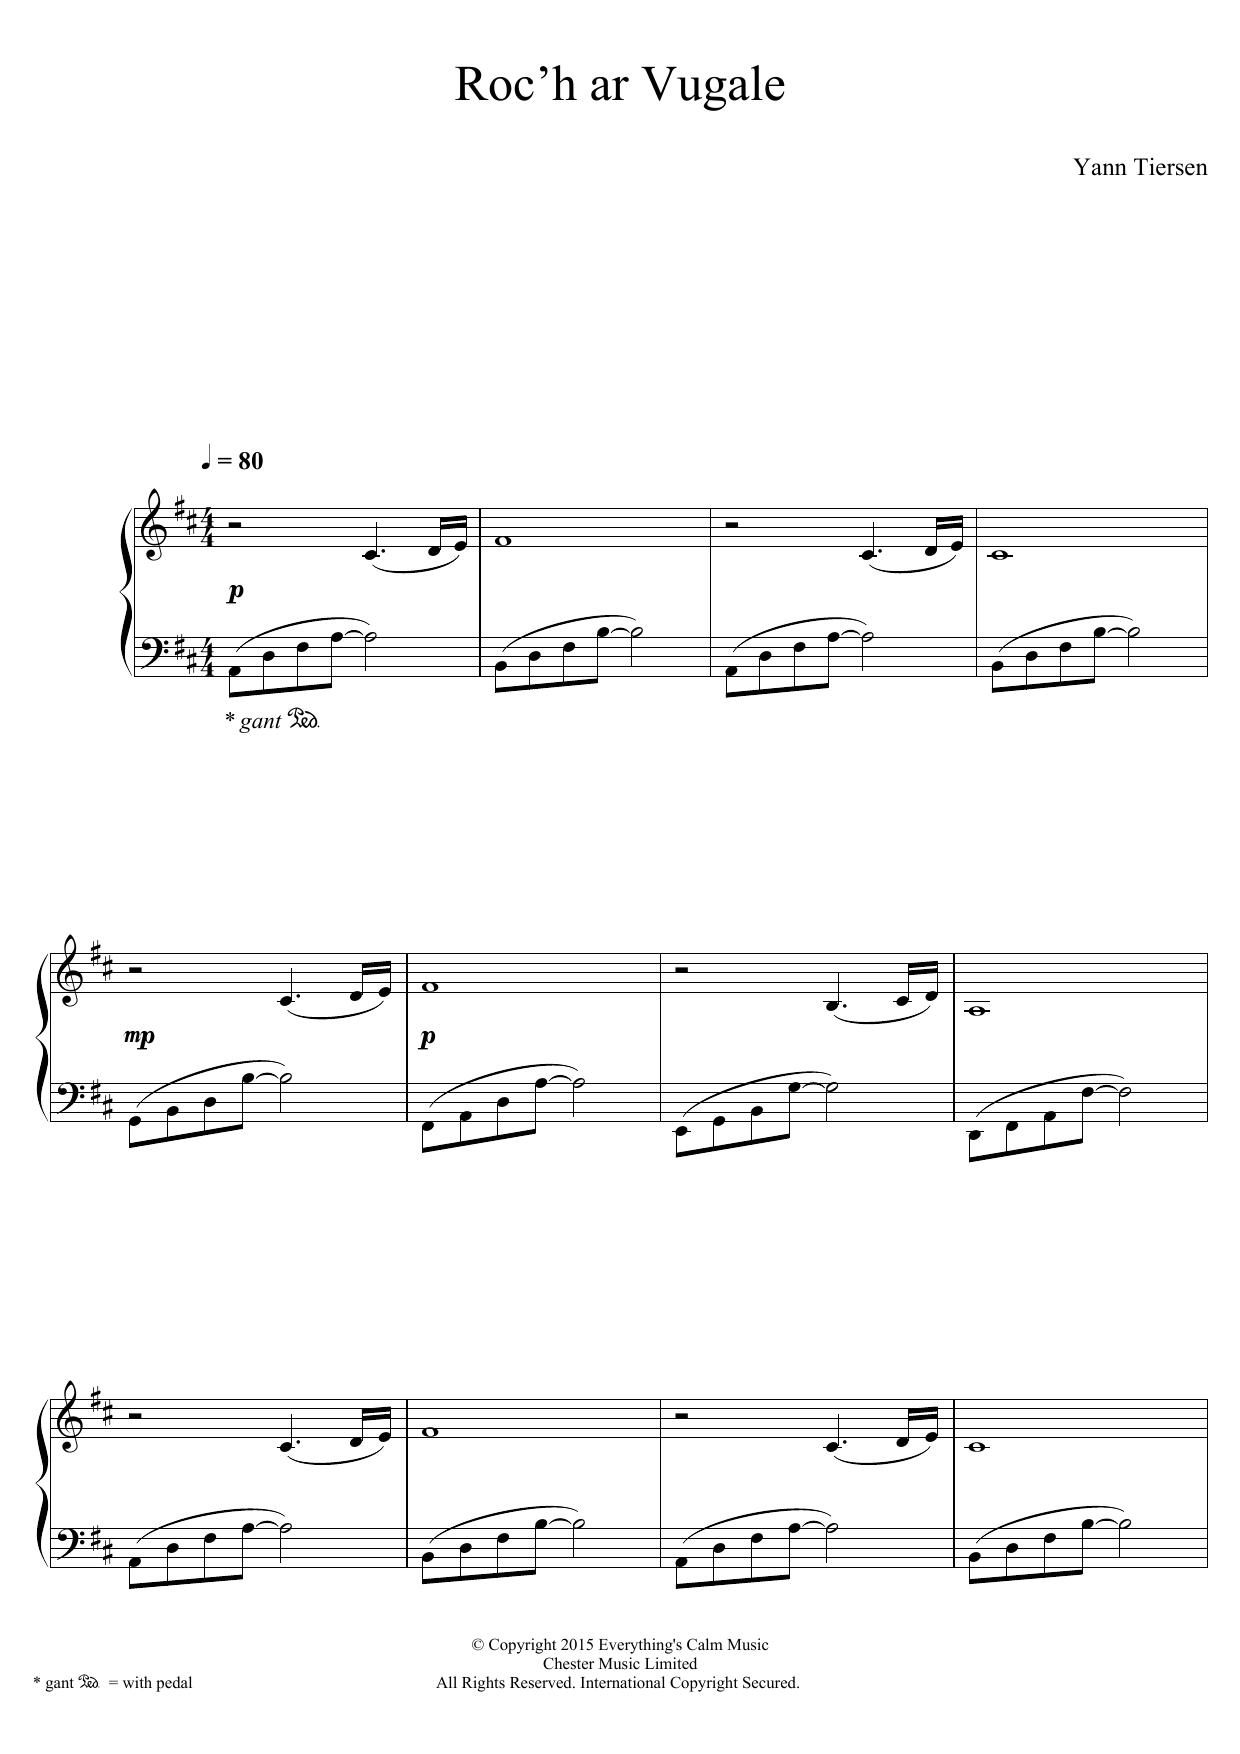 Yann Tiersen - Roc'h Ar Vugale